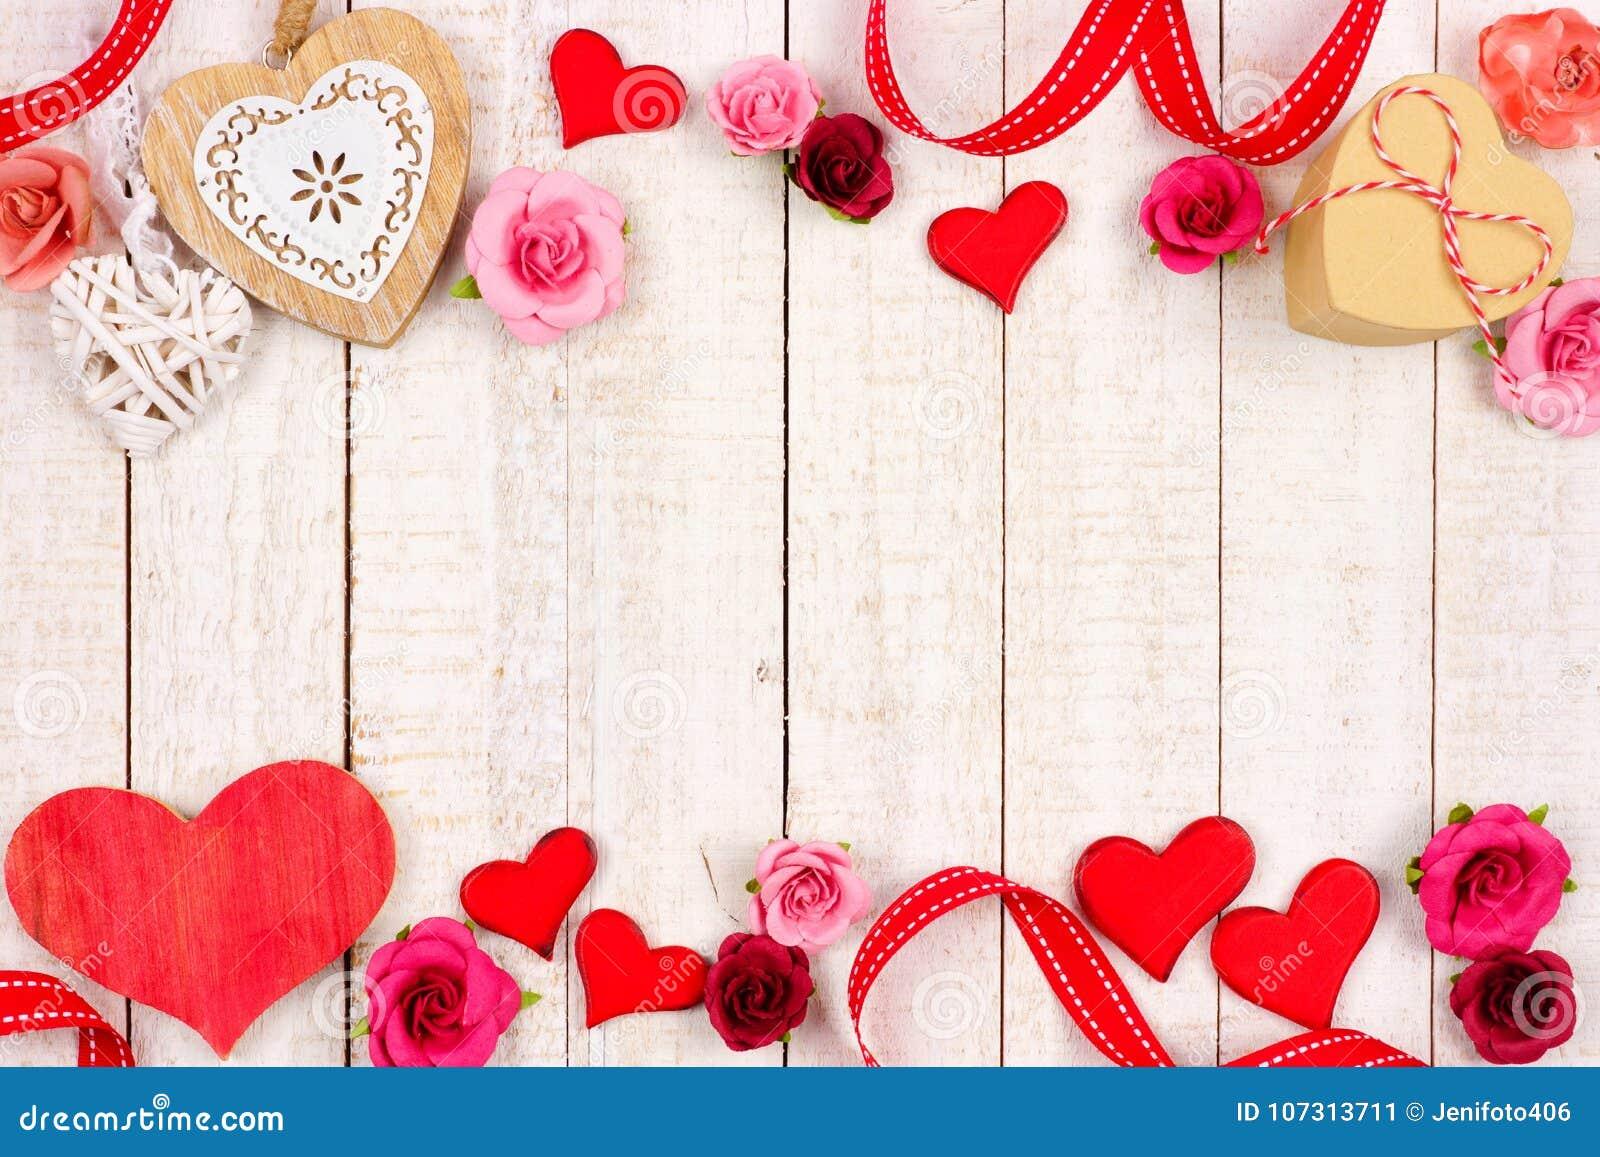 Διπλά σύνορα ημέρας βαλεντίνων των καρδιών, των λουλουδιών, των δώρων και του ντεκόρ στο άσπρο ξύλο